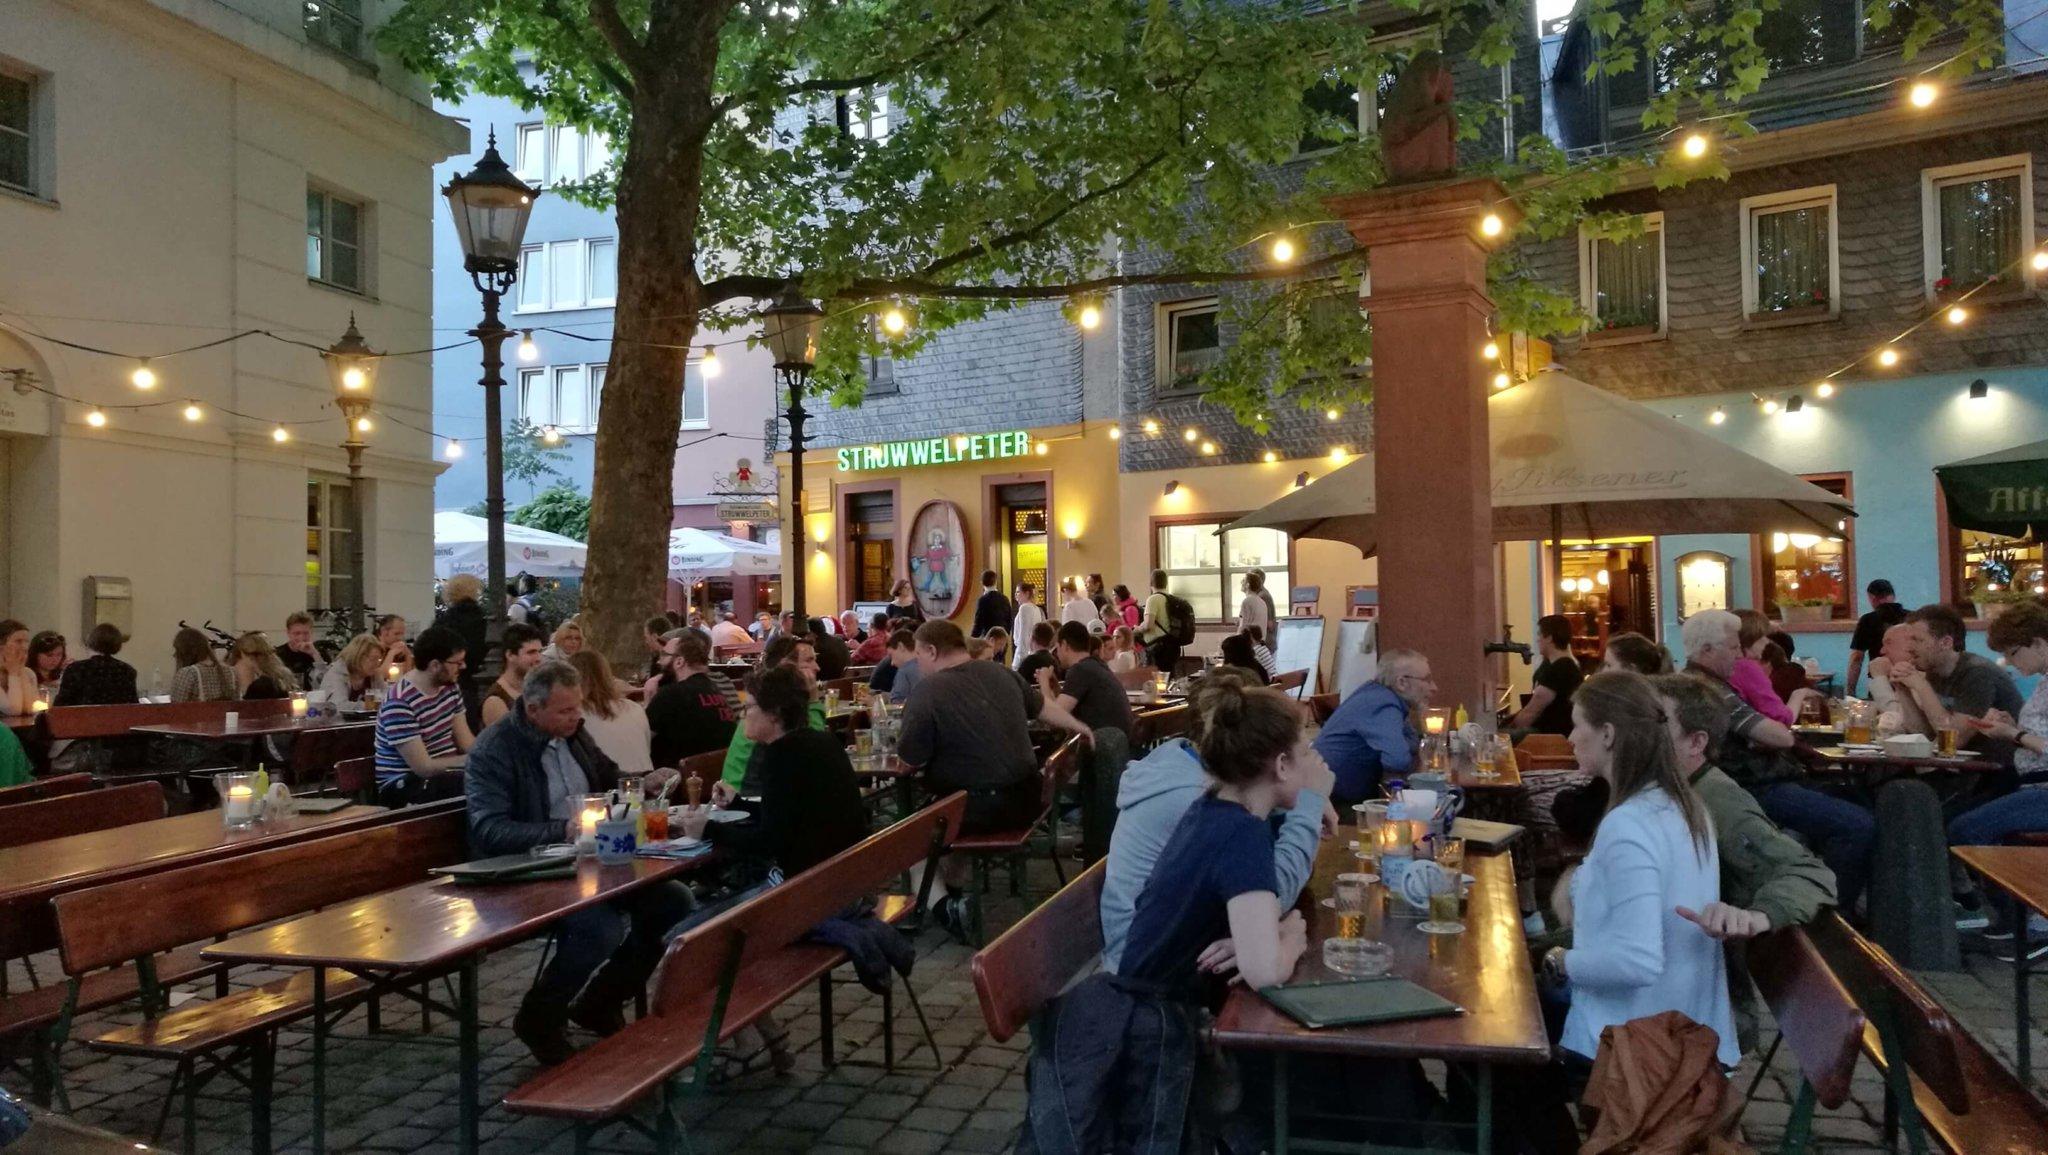 Frankfurt - Struwwelpeter - Kocsmaturista